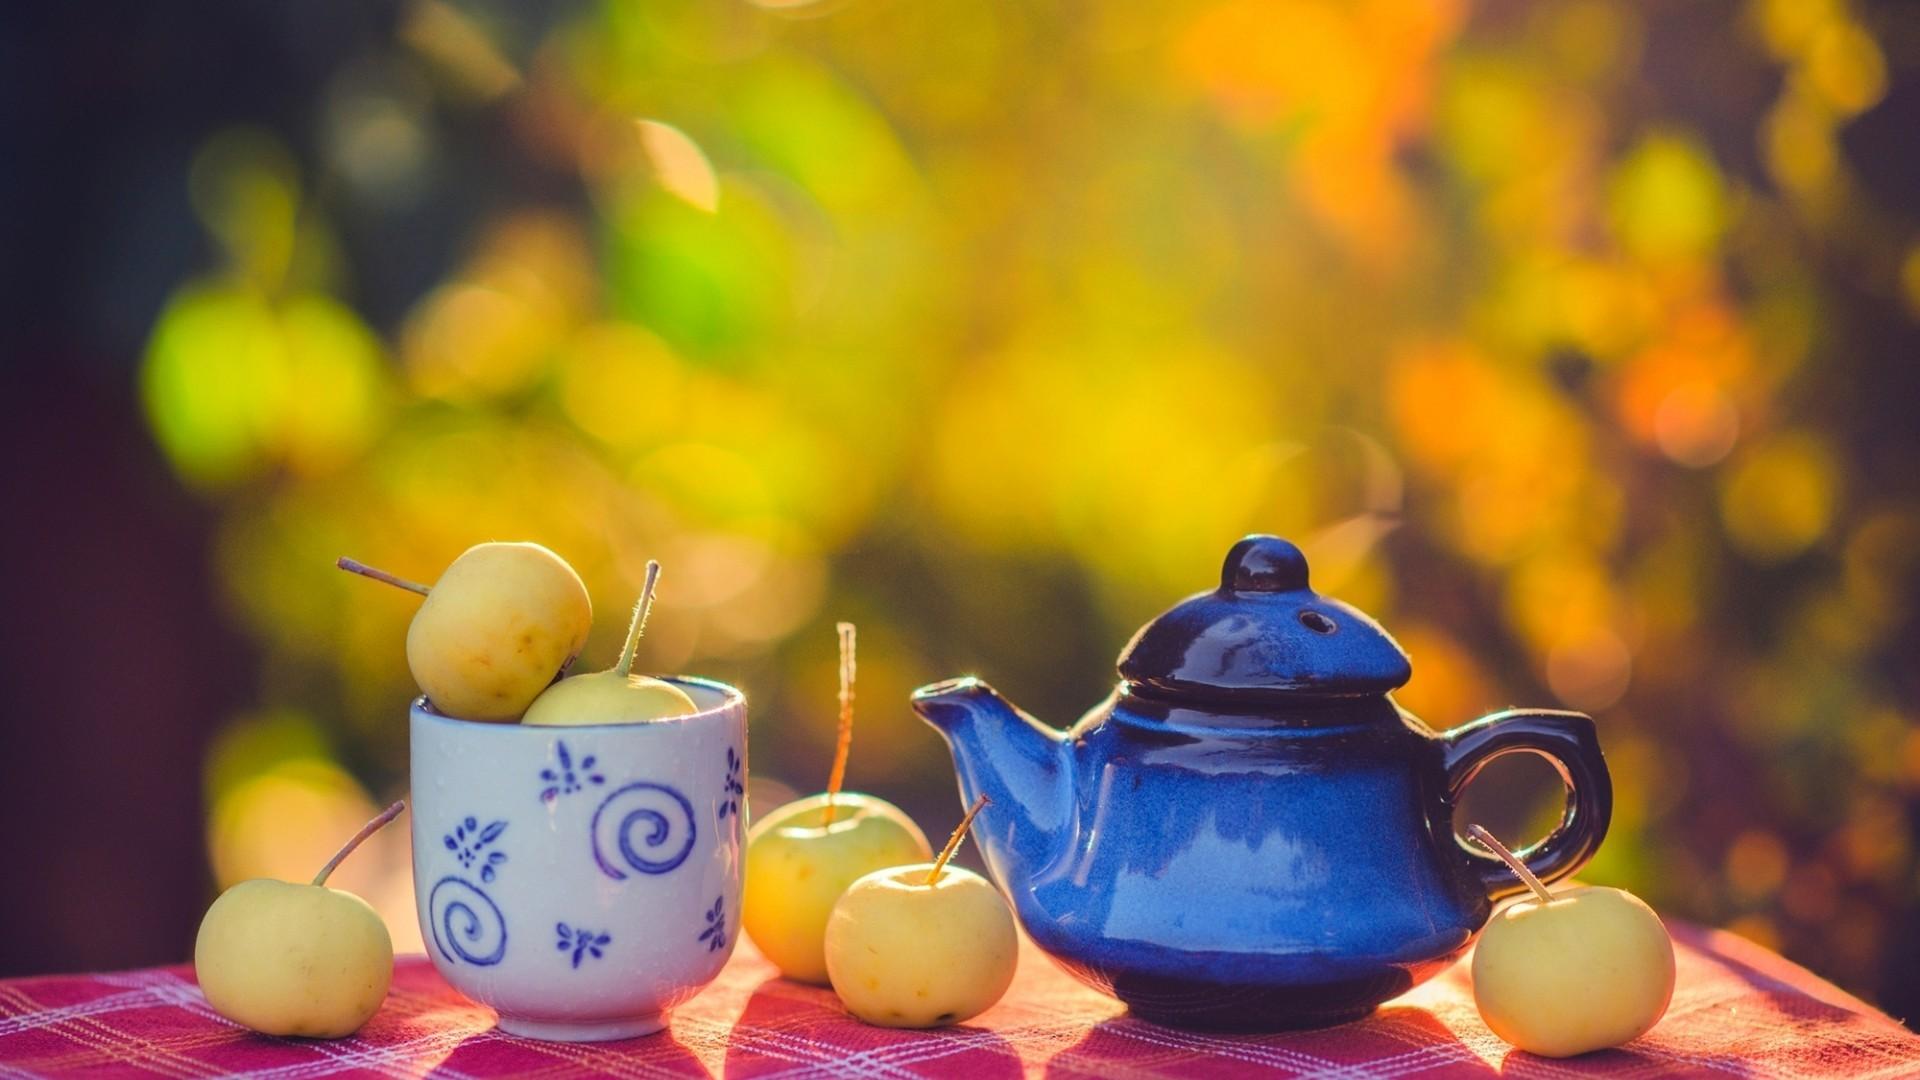 Яркая картинка чаепитие